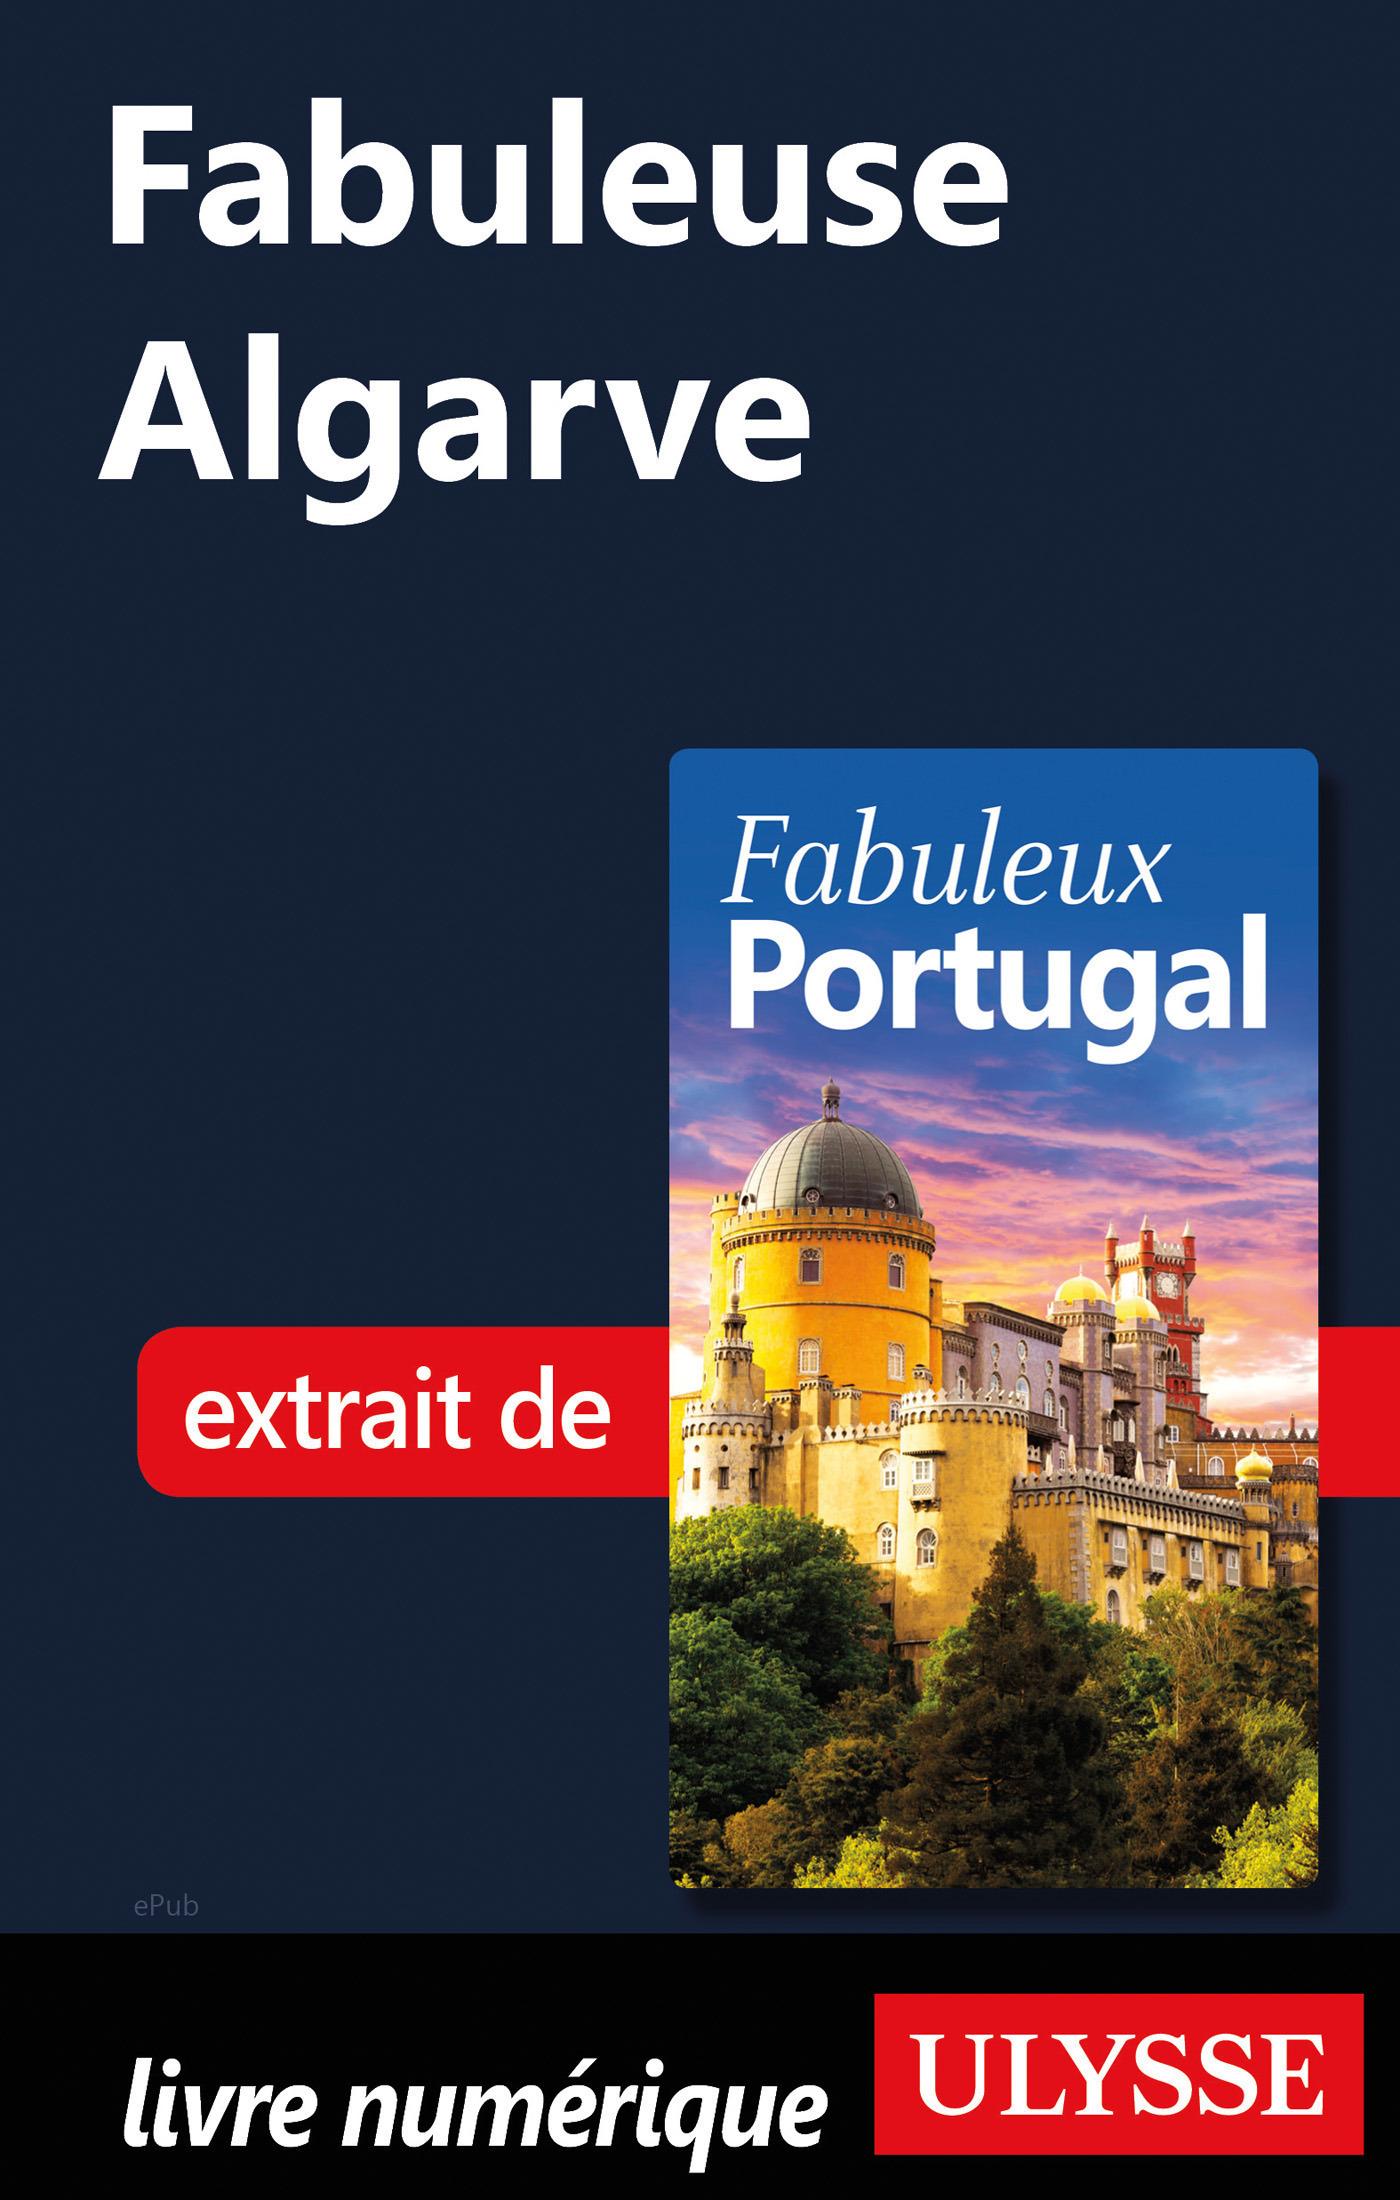 Fabuleuse Algarve